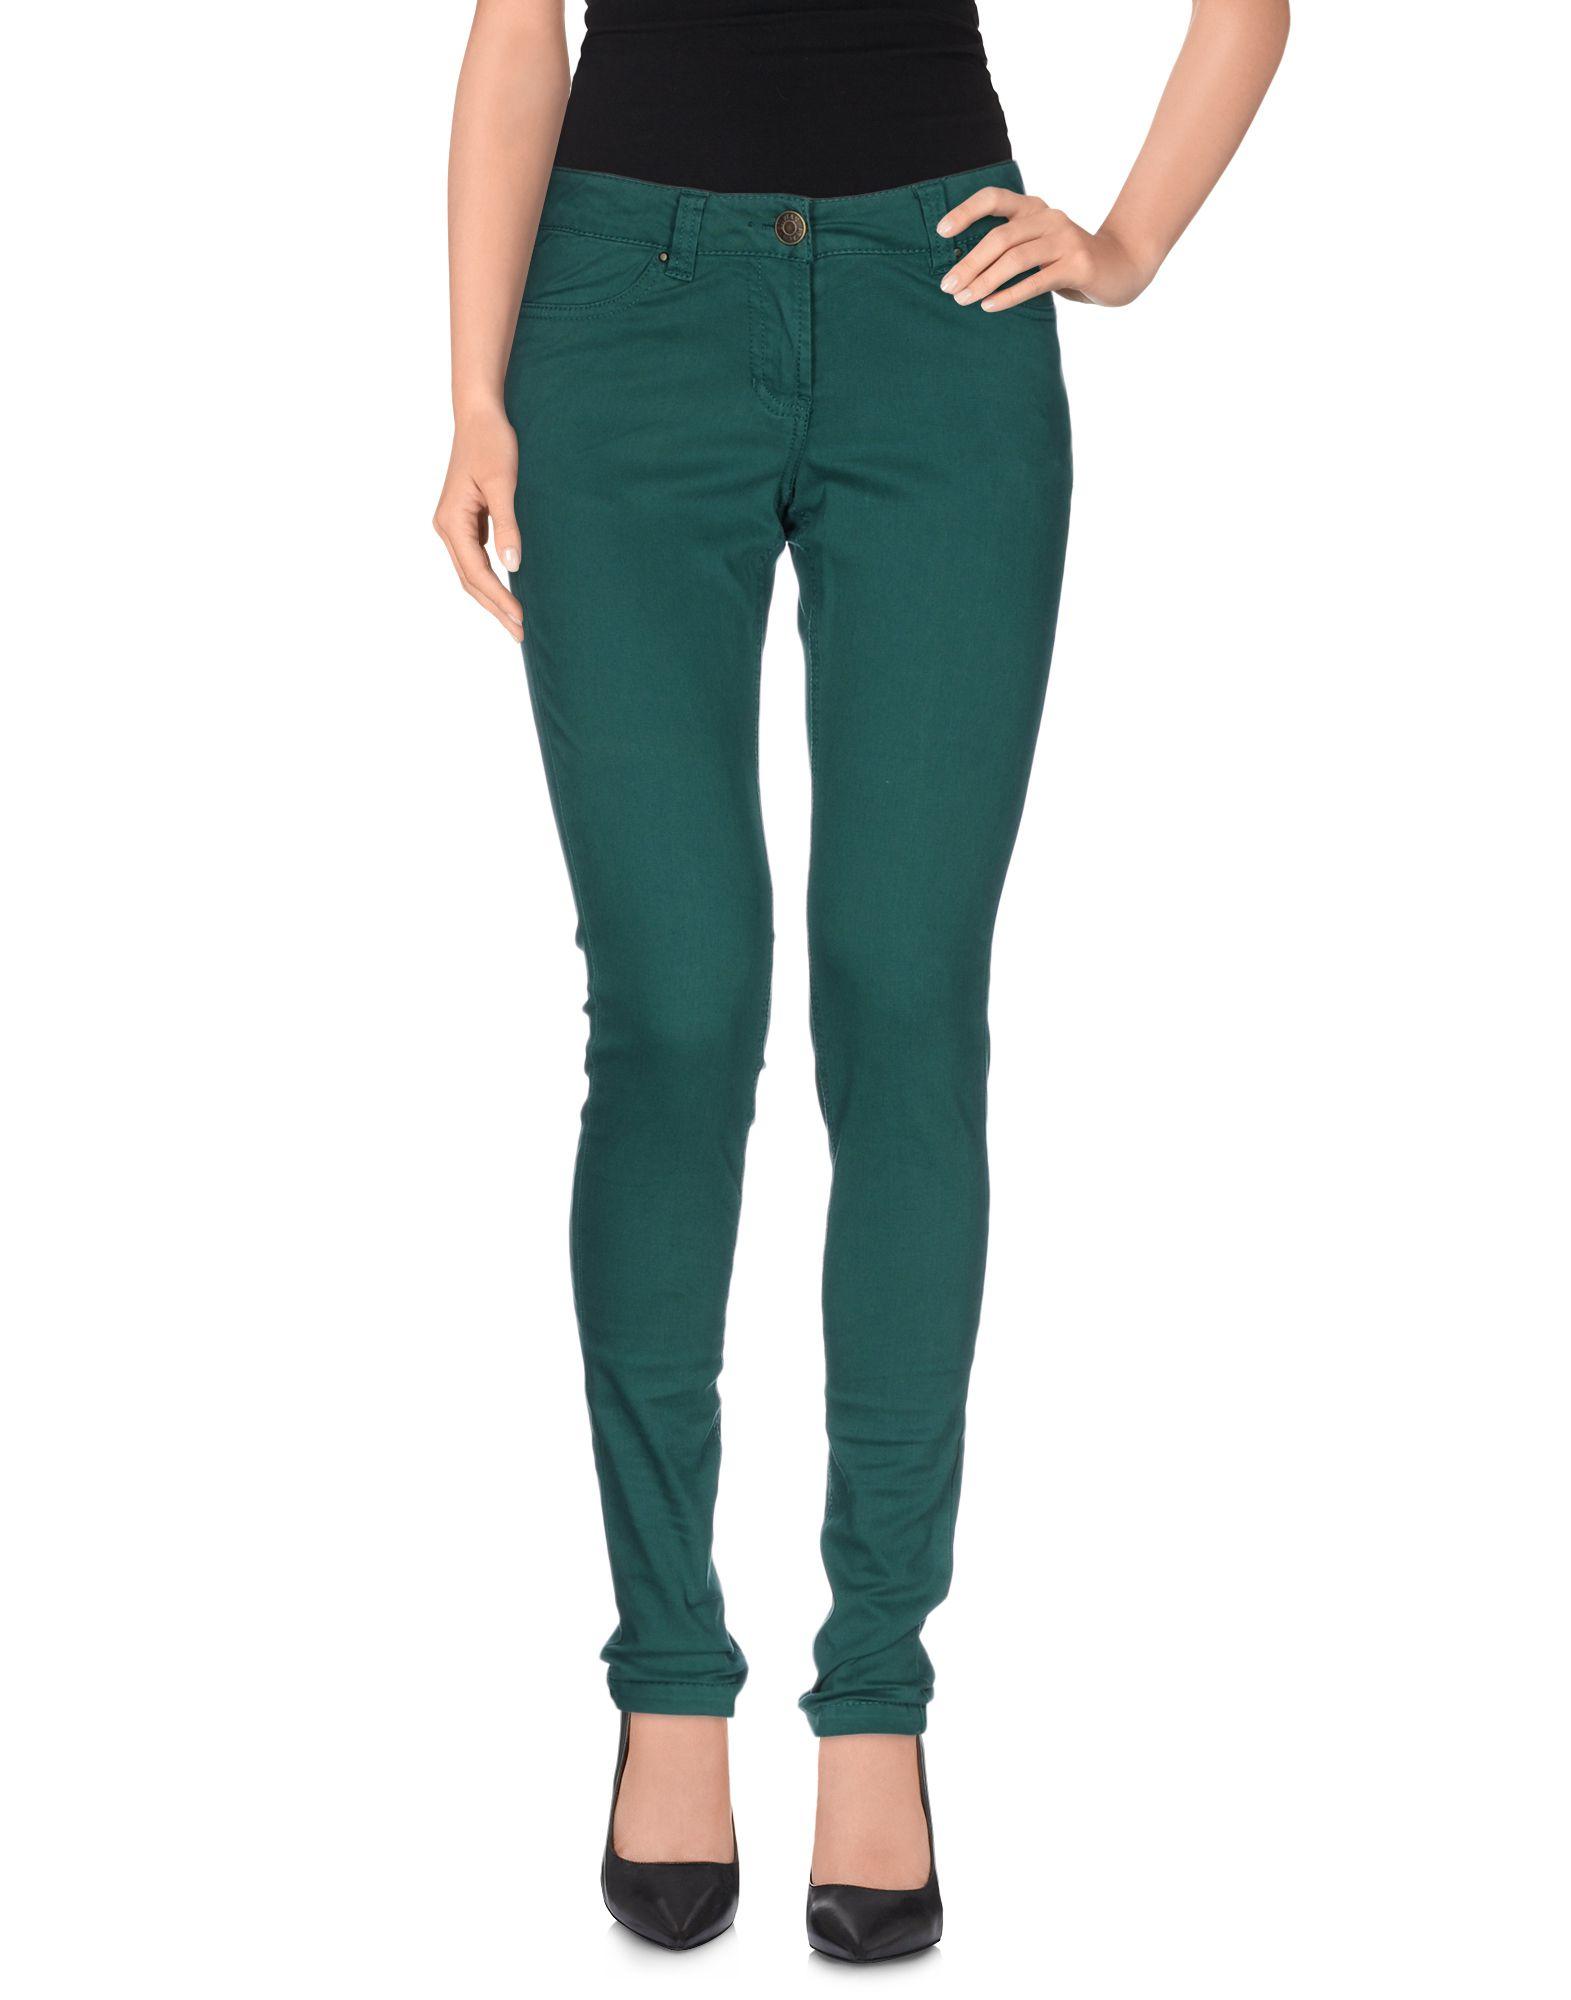 Silvian heach Casual Trouser in Green